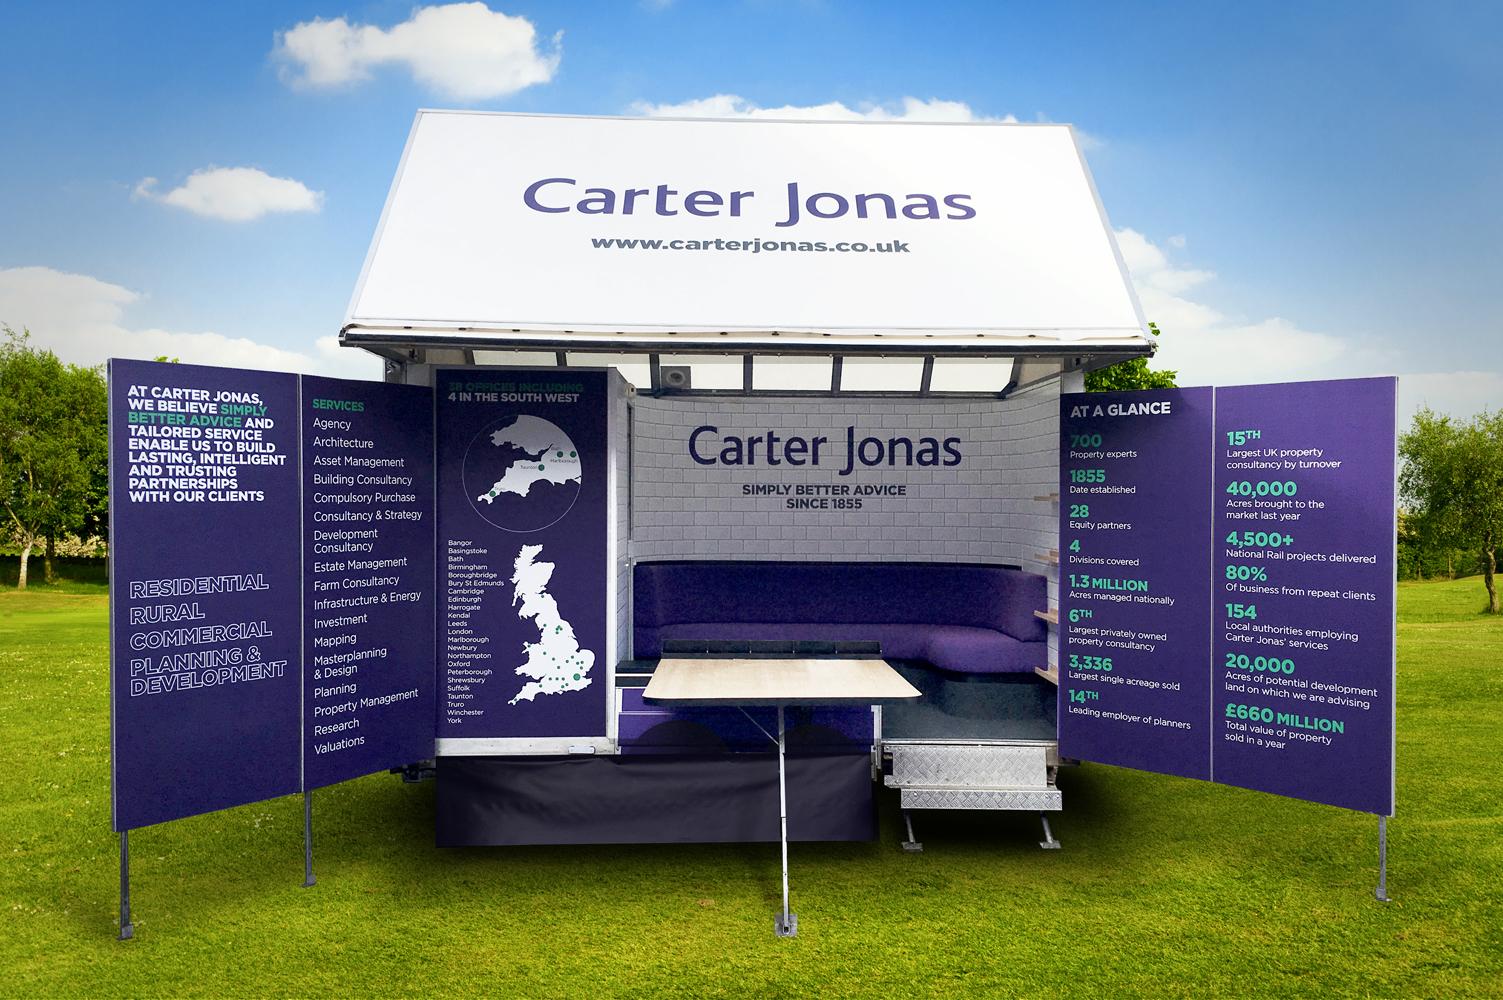 Carter Jonas exhibition trailer